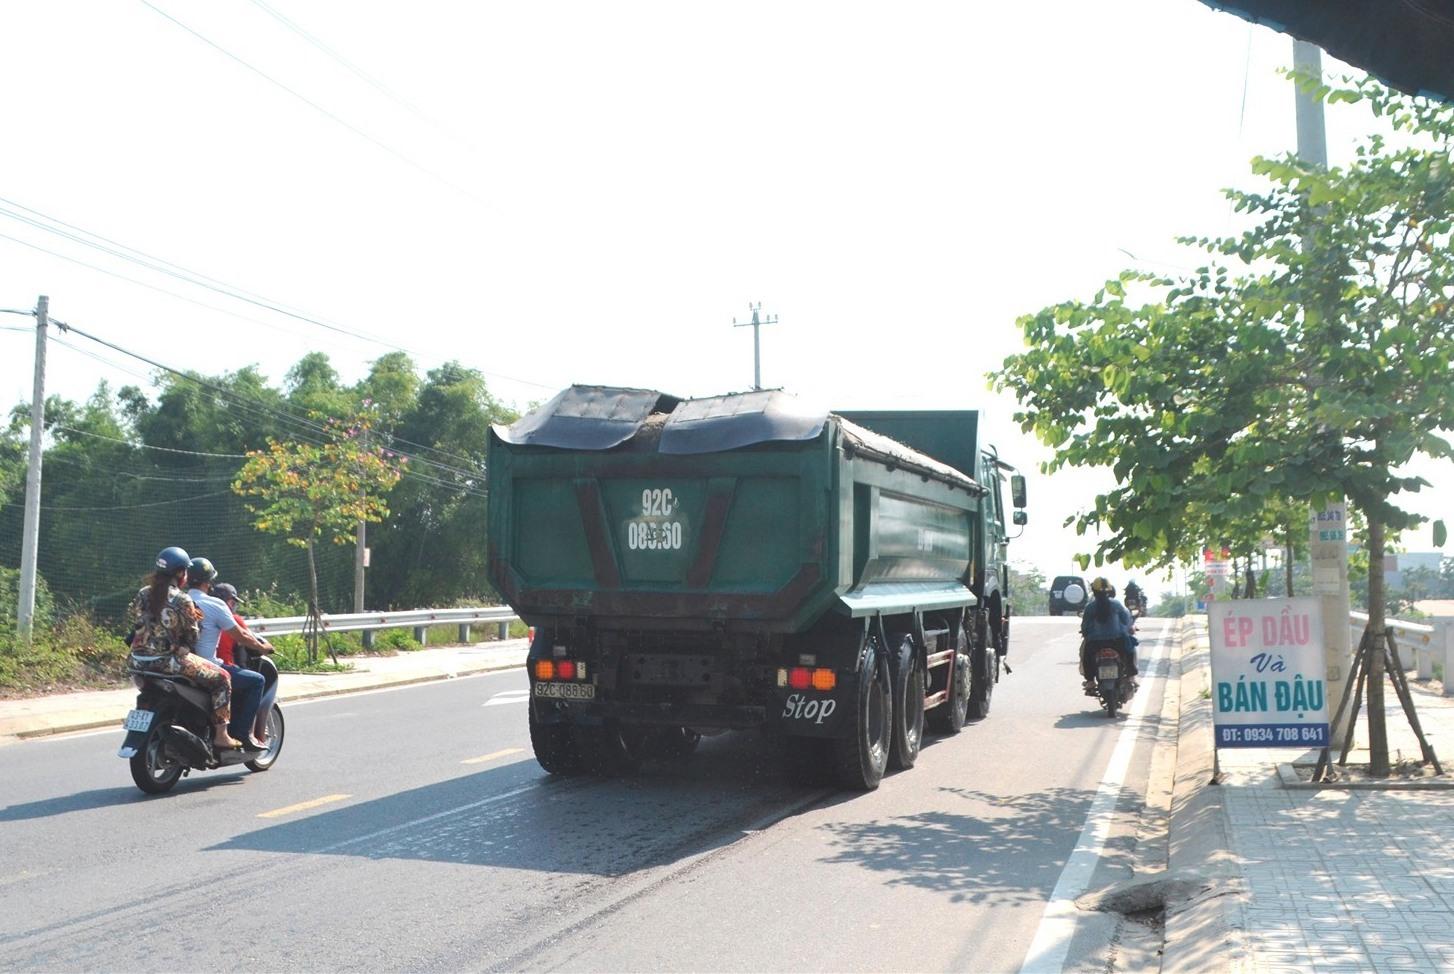 Tạm thời dừng lưu thông xe chở cát từ Đại Lộc xuống Điện Bàn. Ảnh: CT